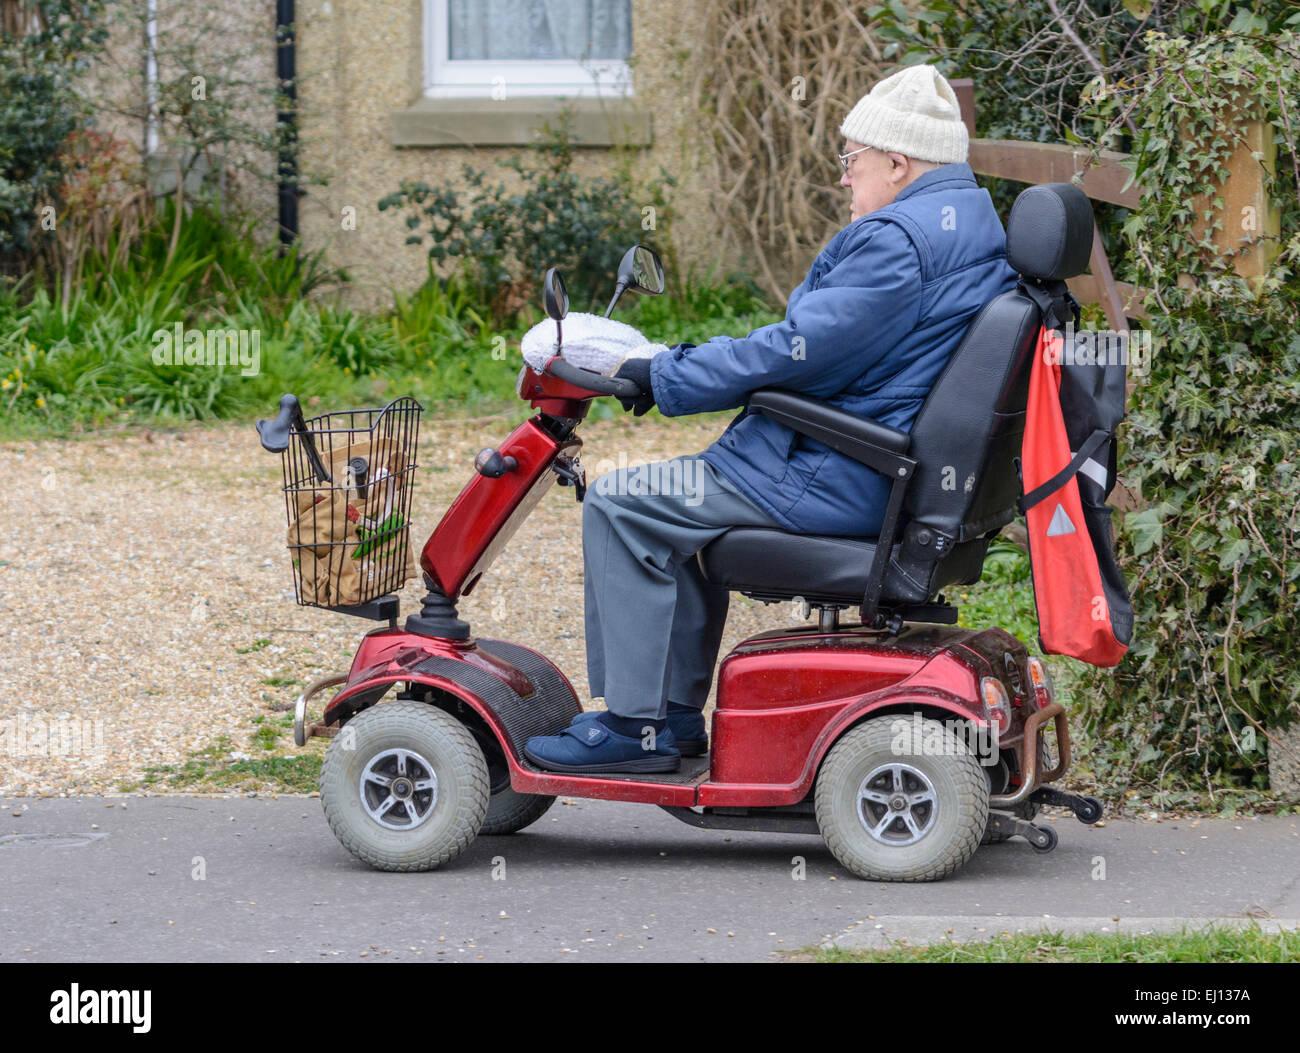 Mobilität Scooter - e-Mobility Scooter, geritten von einem älteren Mann auf dem Bürgersteig. Stockbild